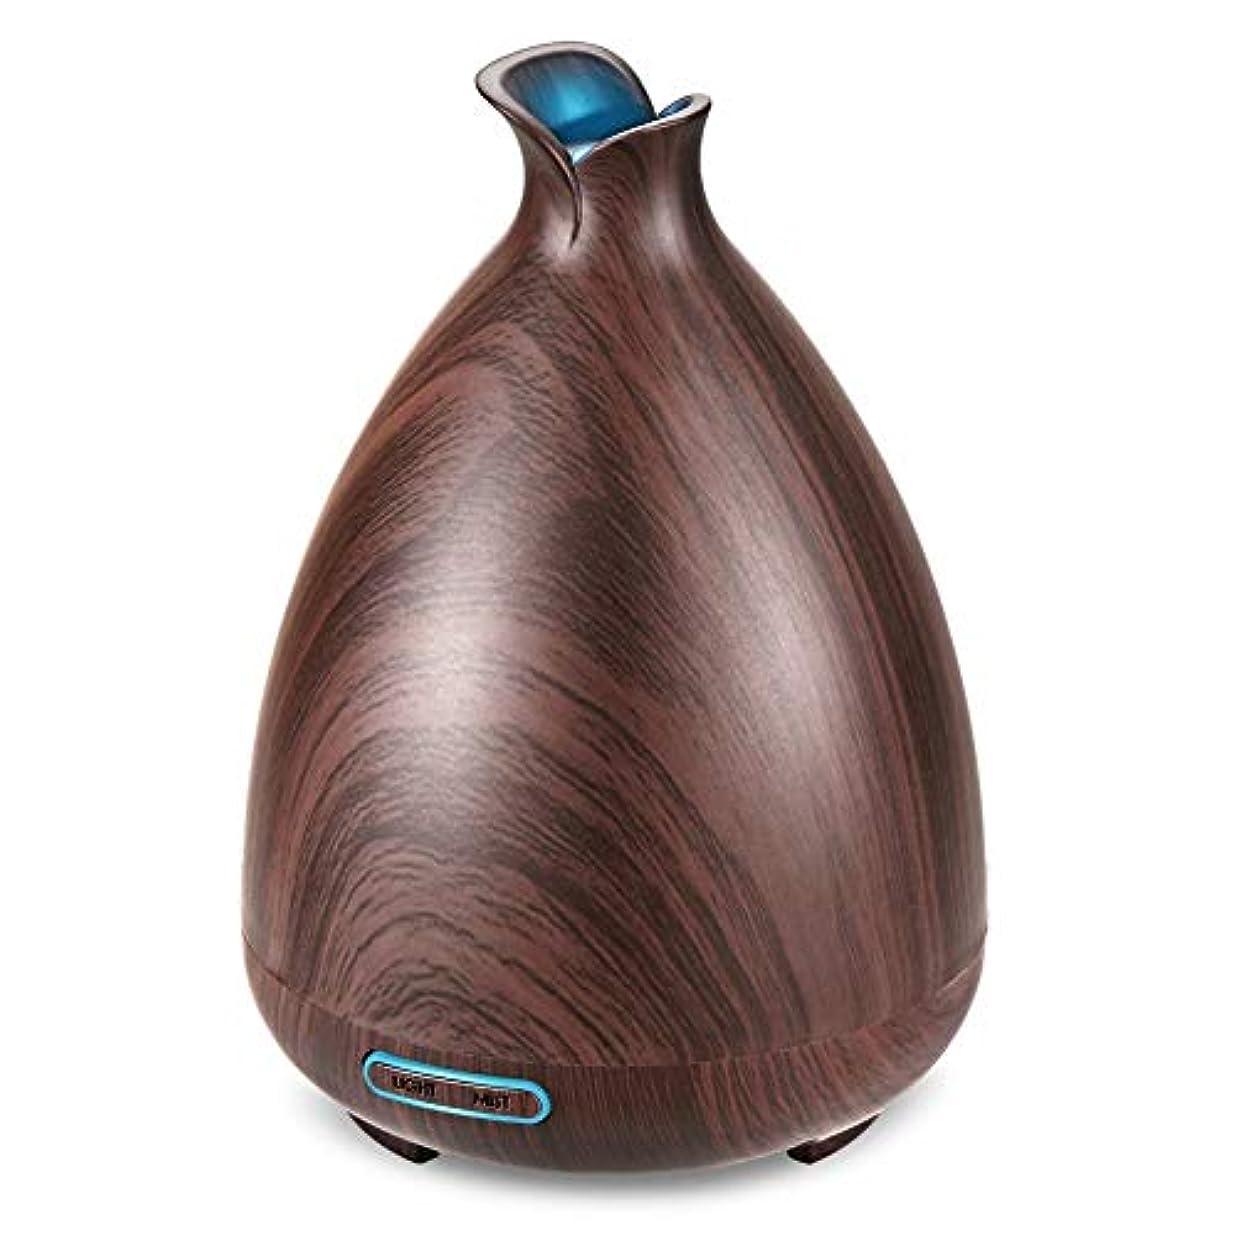 アクセシブル意図そうでなければ(Brown) - URPOWER Essential Oil Diffuser 130ml Wood Grain Ultrasonic Aromatherapy Oil Diffuser with Adjustable...